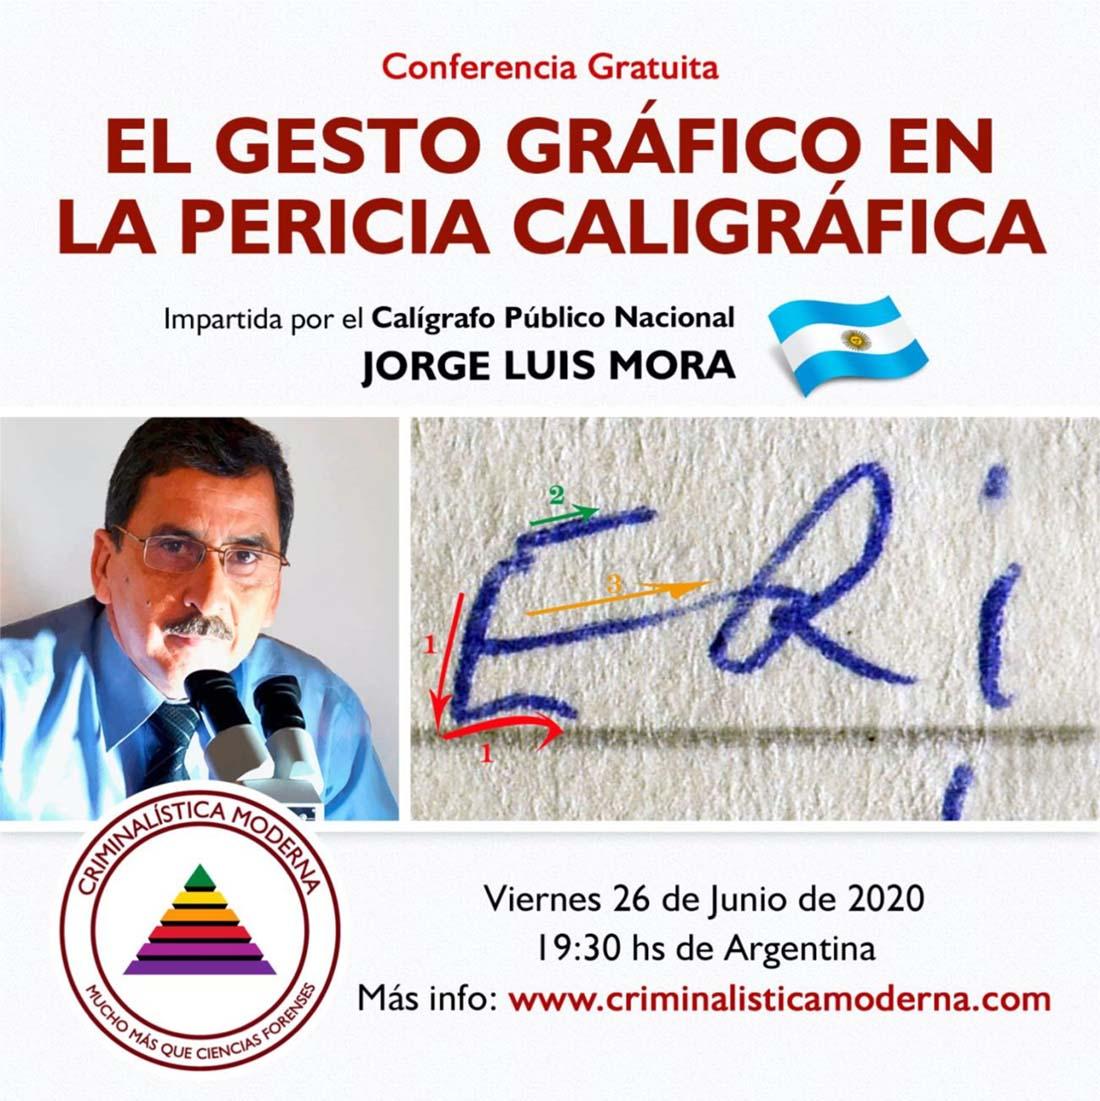 Conferencia Internacional Gratuita: El gesto gráfico en la pericia caligráfica